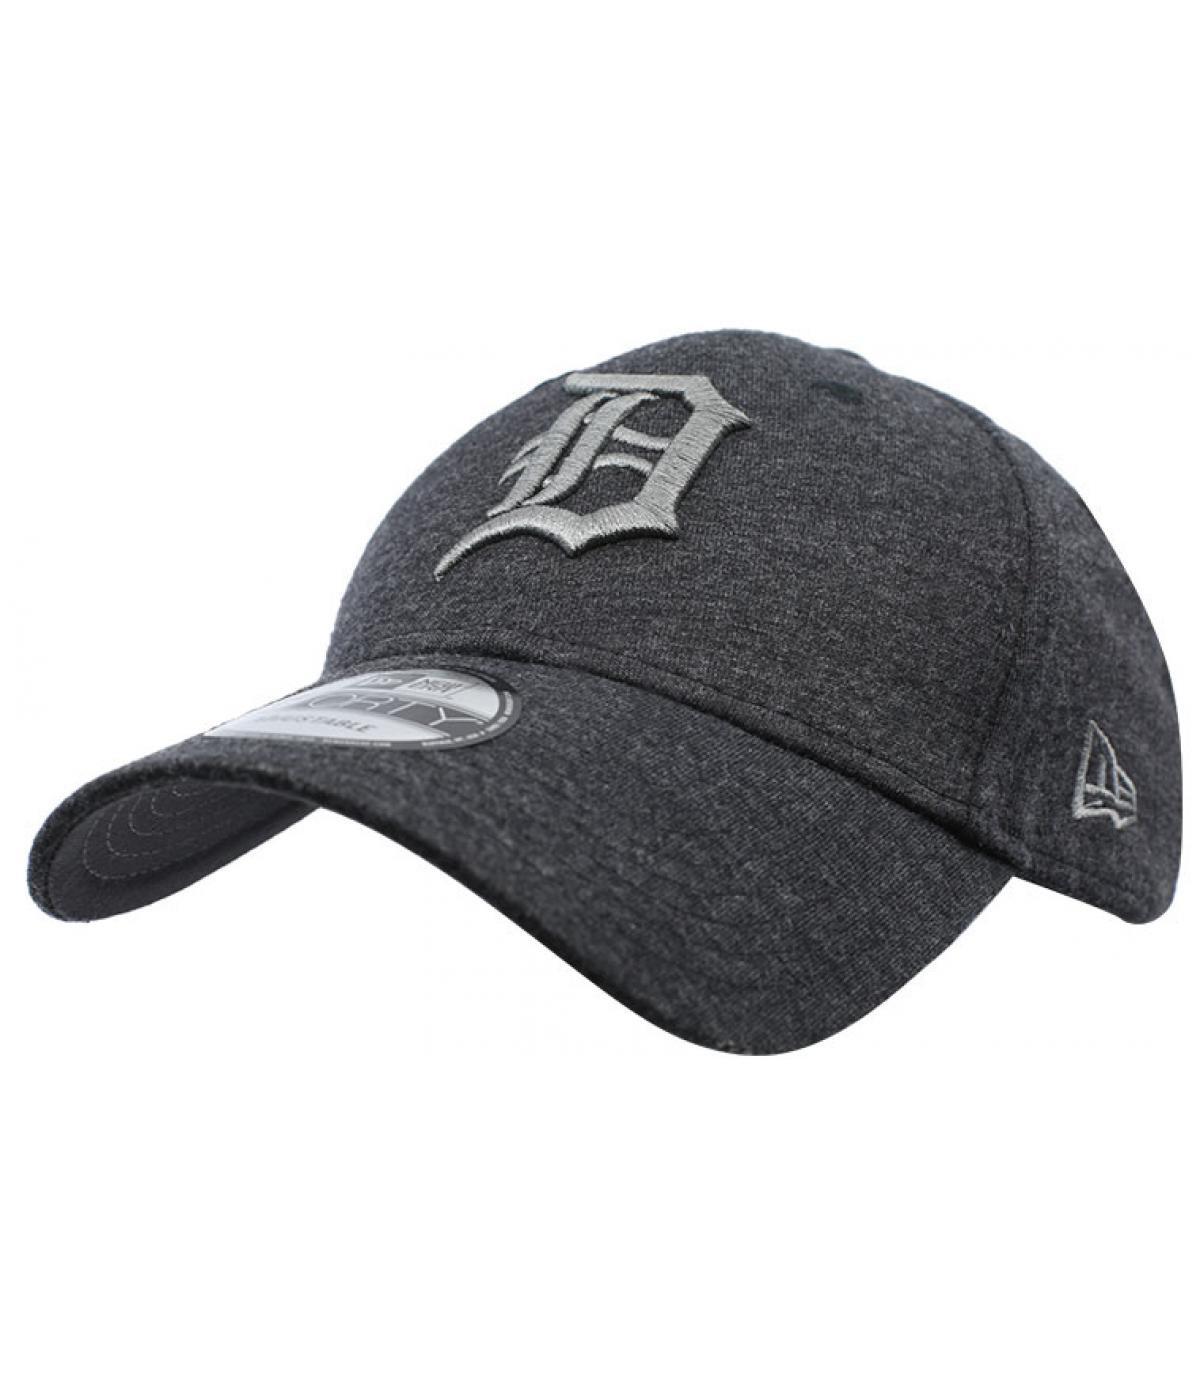 Détails Casquette MLB Jersey Detroit graphite - image 2